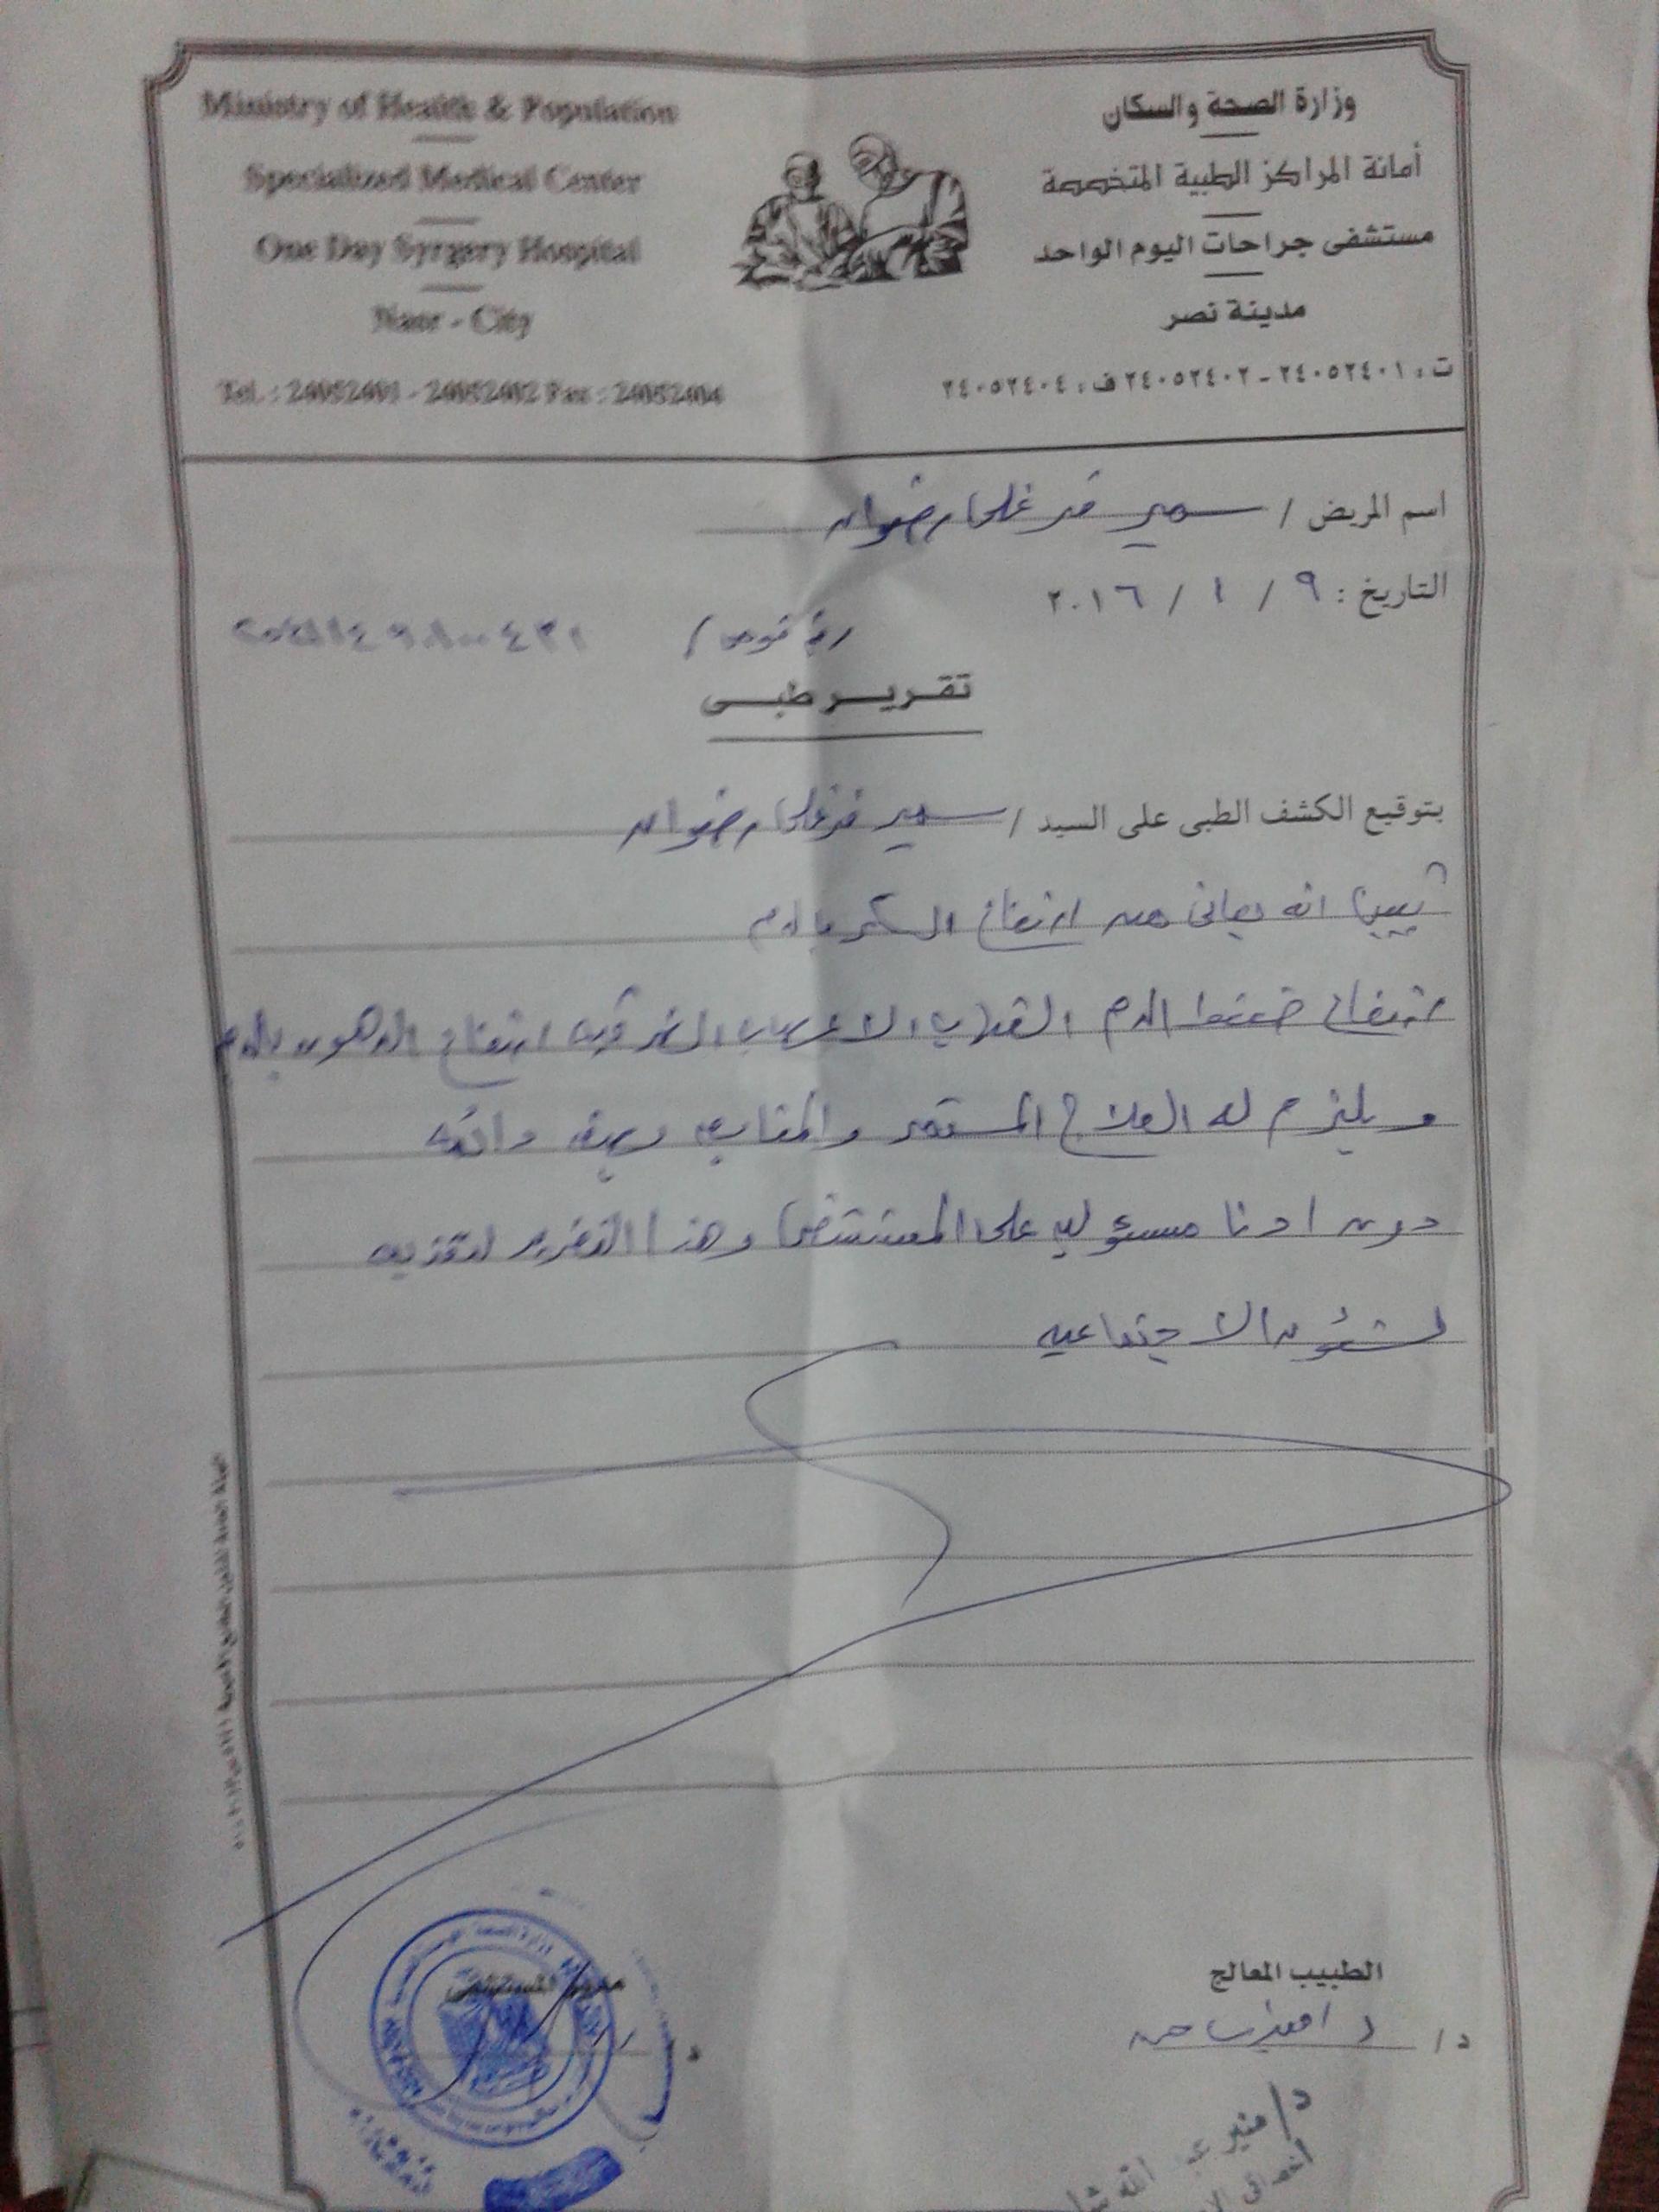 شهادة مرضية تقرير طبي مختوم من مستشفى حكومي مصري